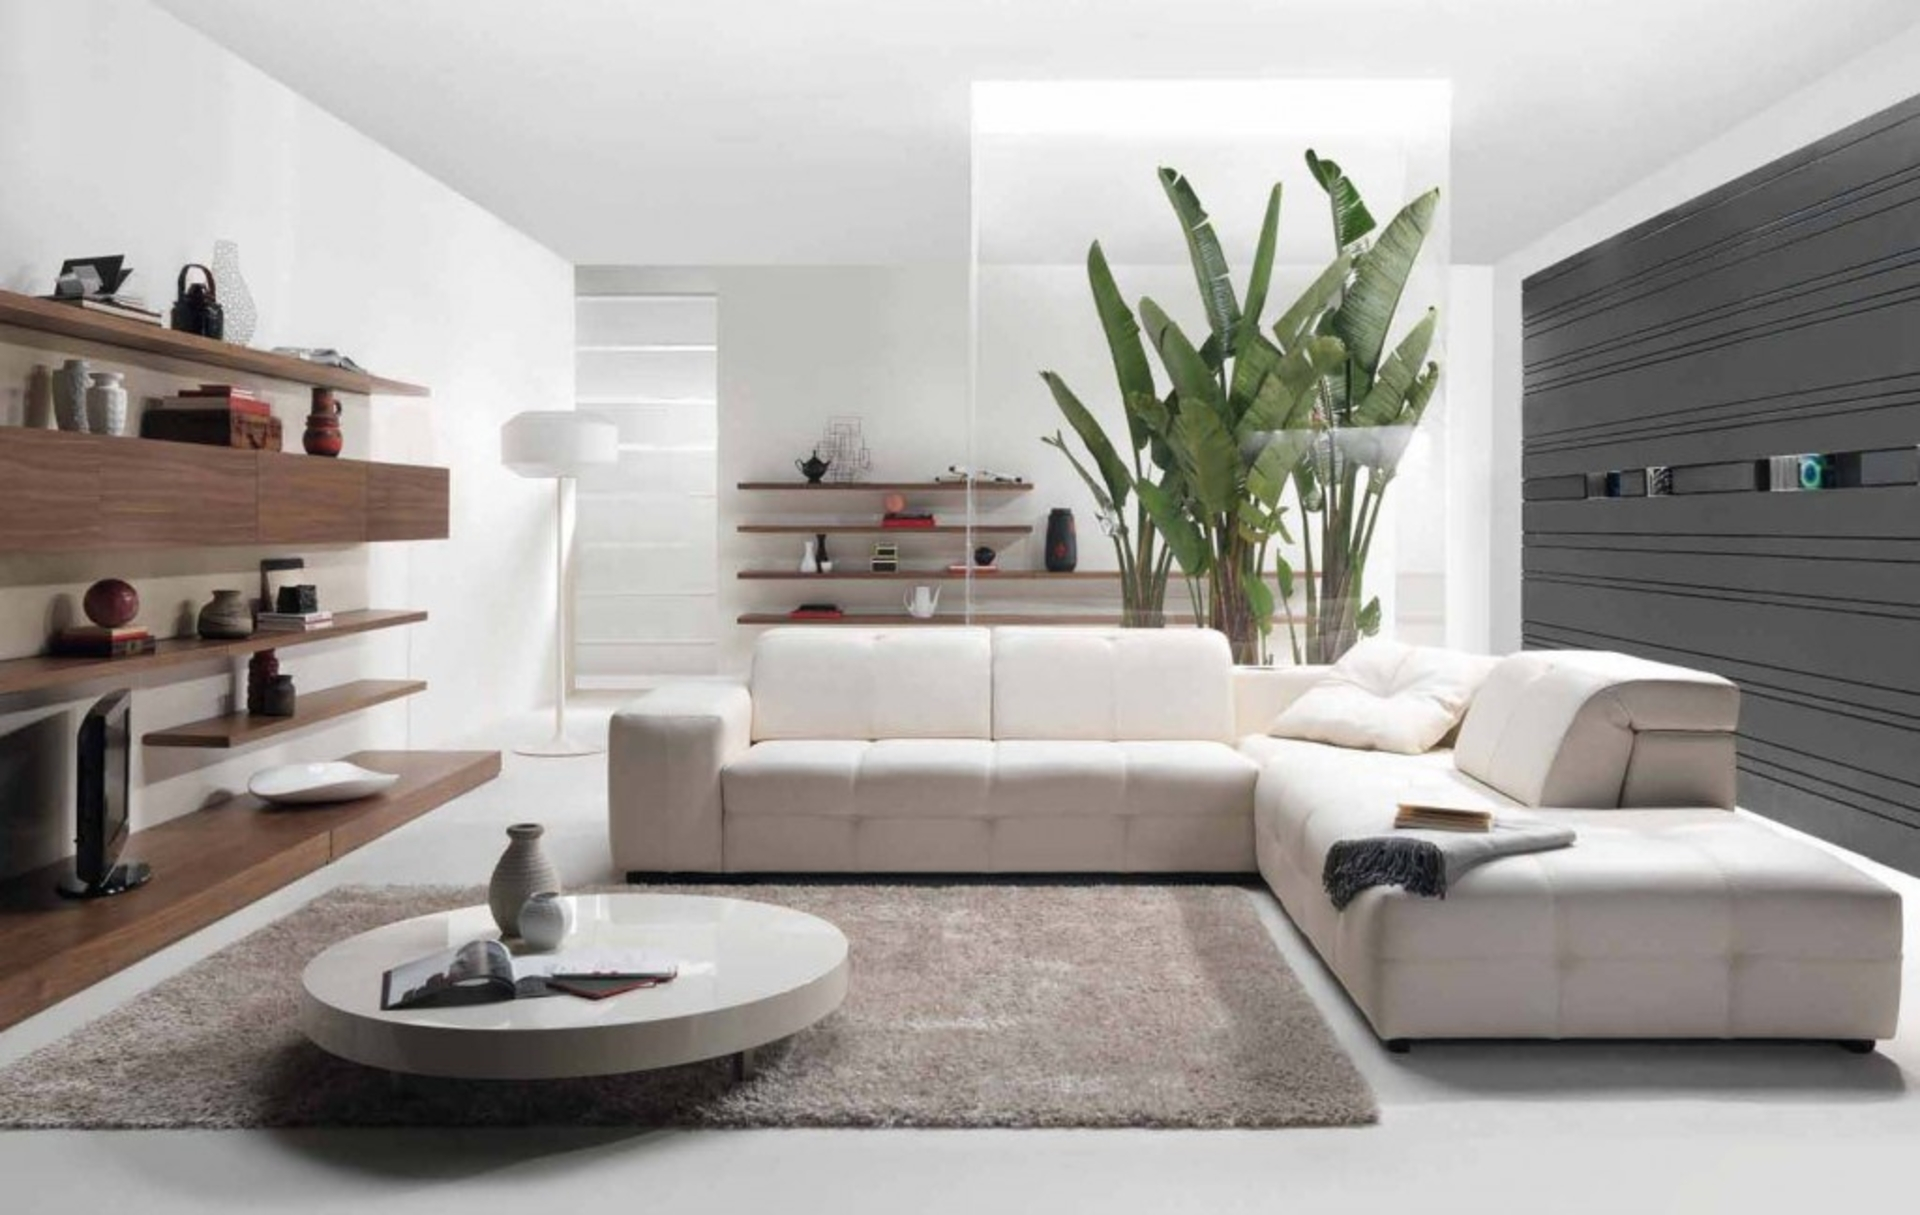 Download 7600 Background Foto Interior Rumah HD Terbaru